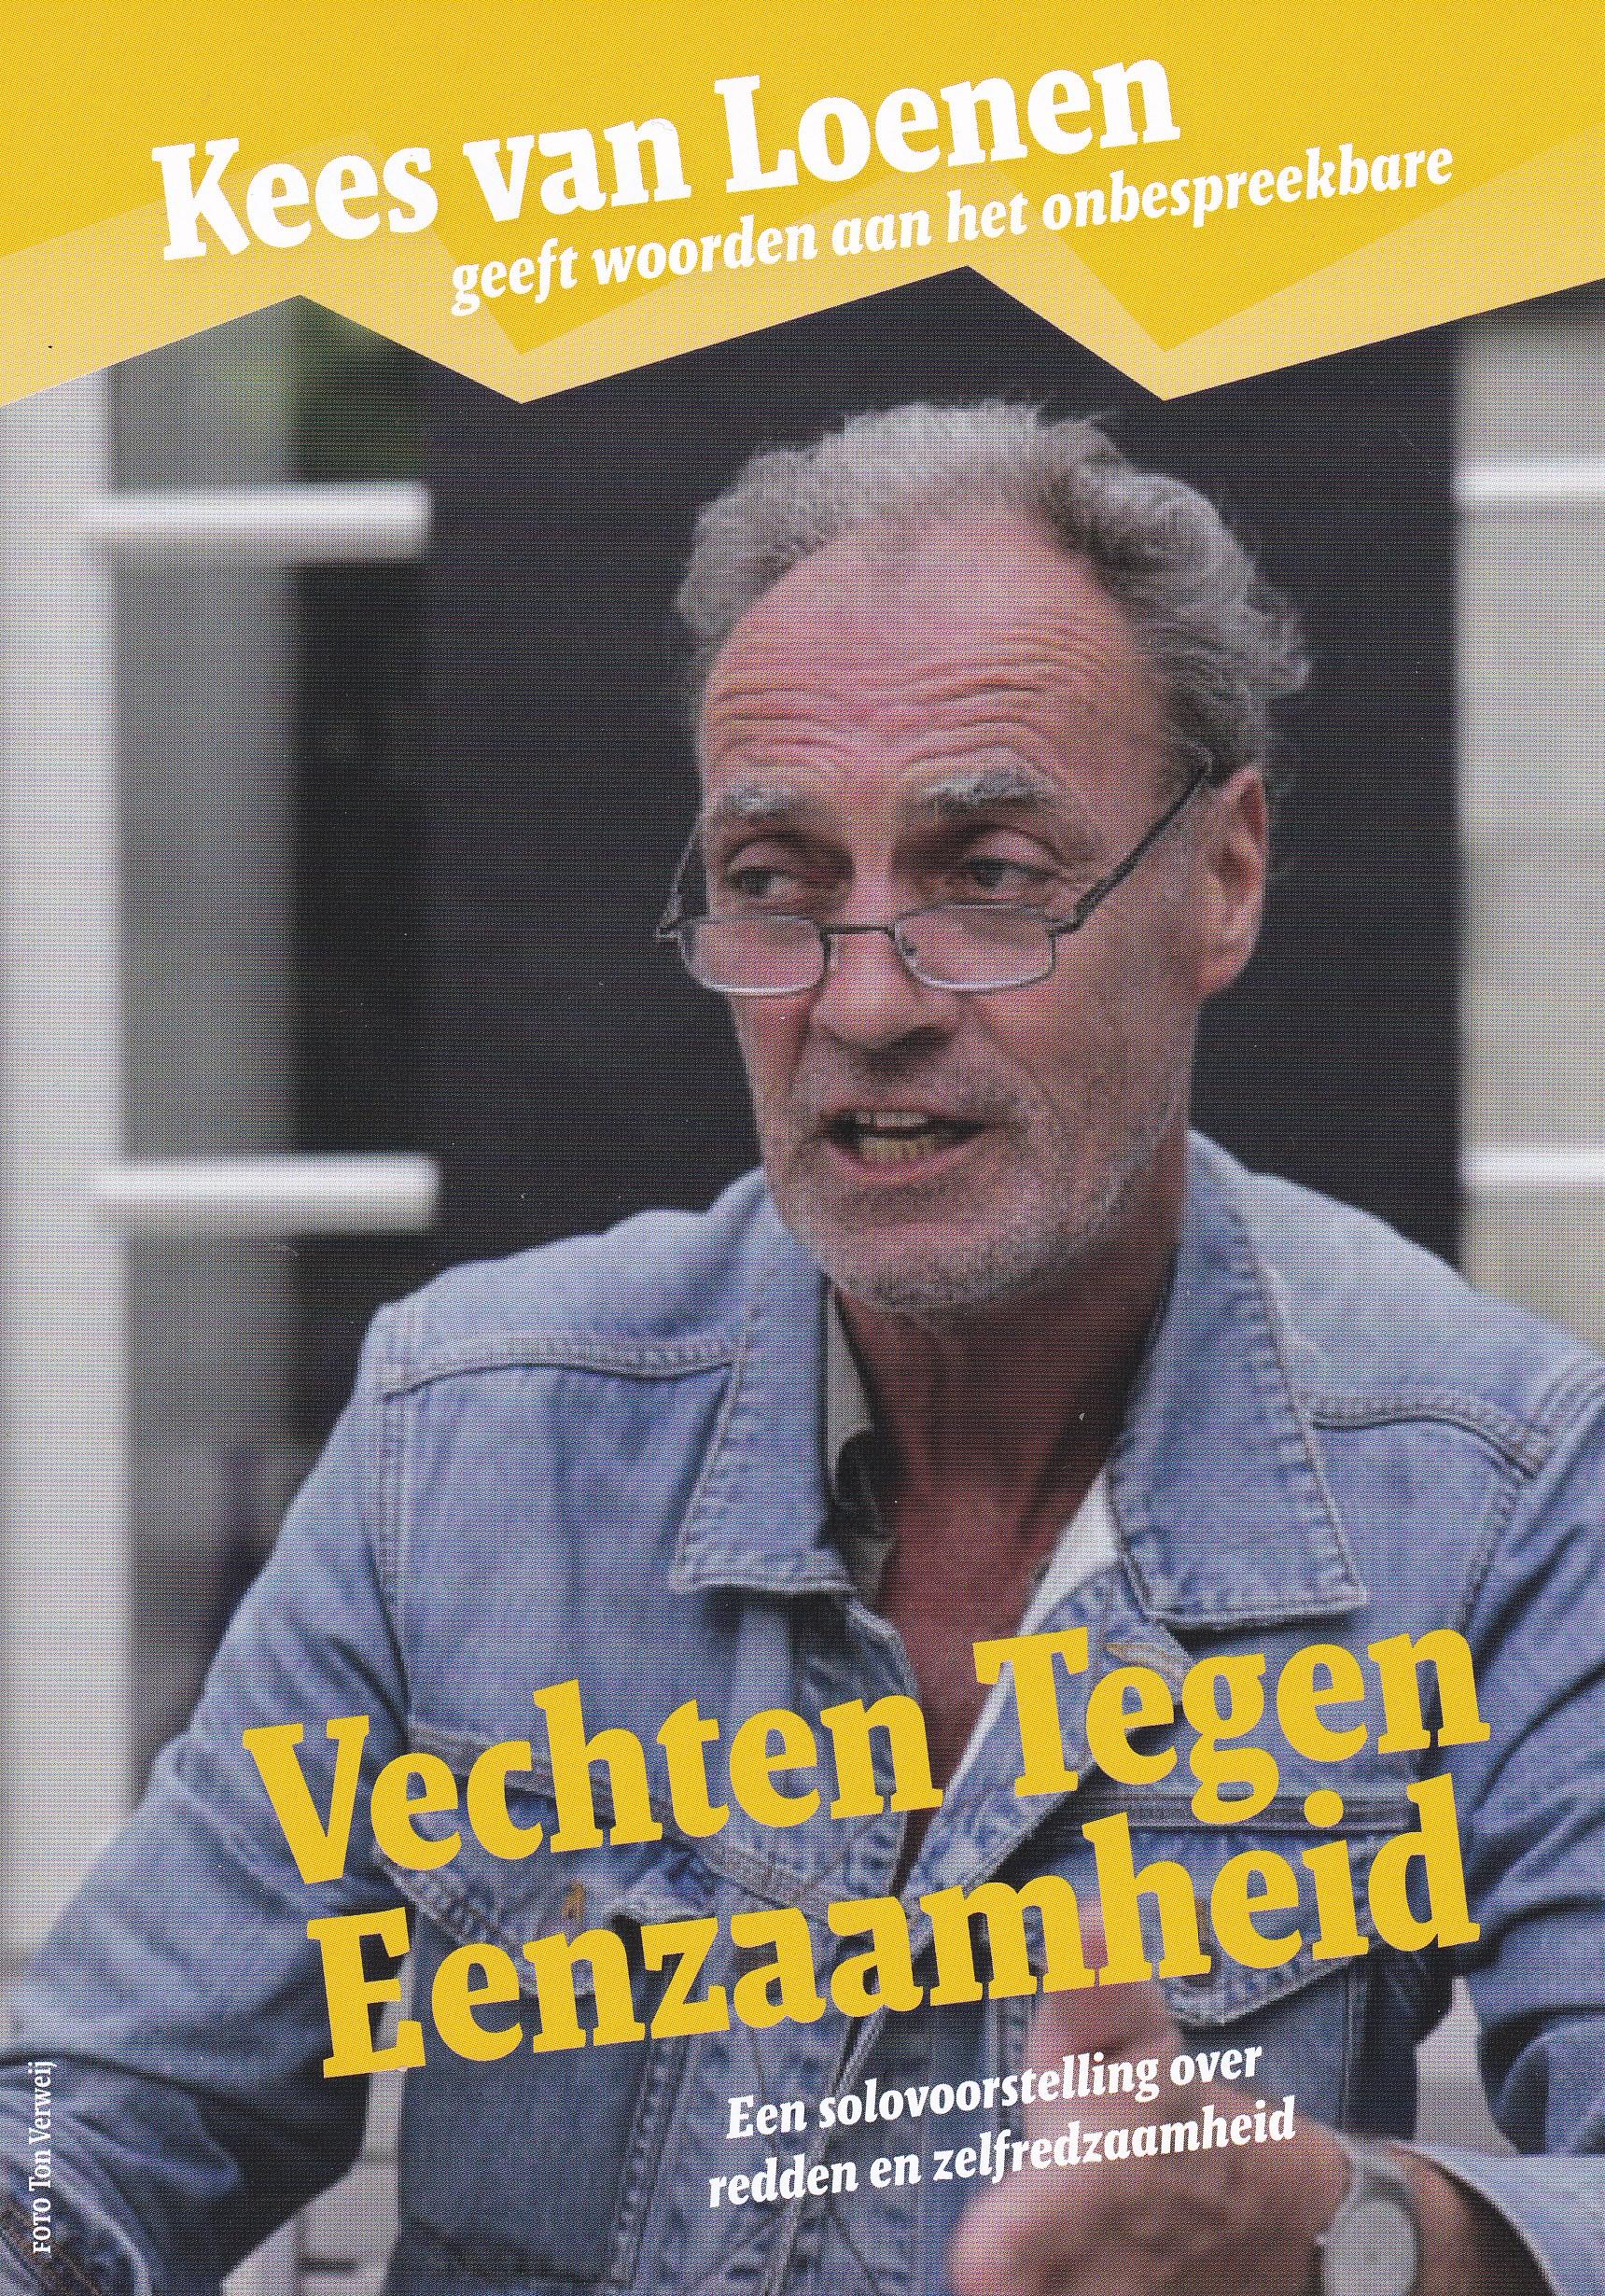 <p>Kees van Loenen, een van de vaste trainer-acteurs van de ZOEKEN-crew, geeft in [...]</p>